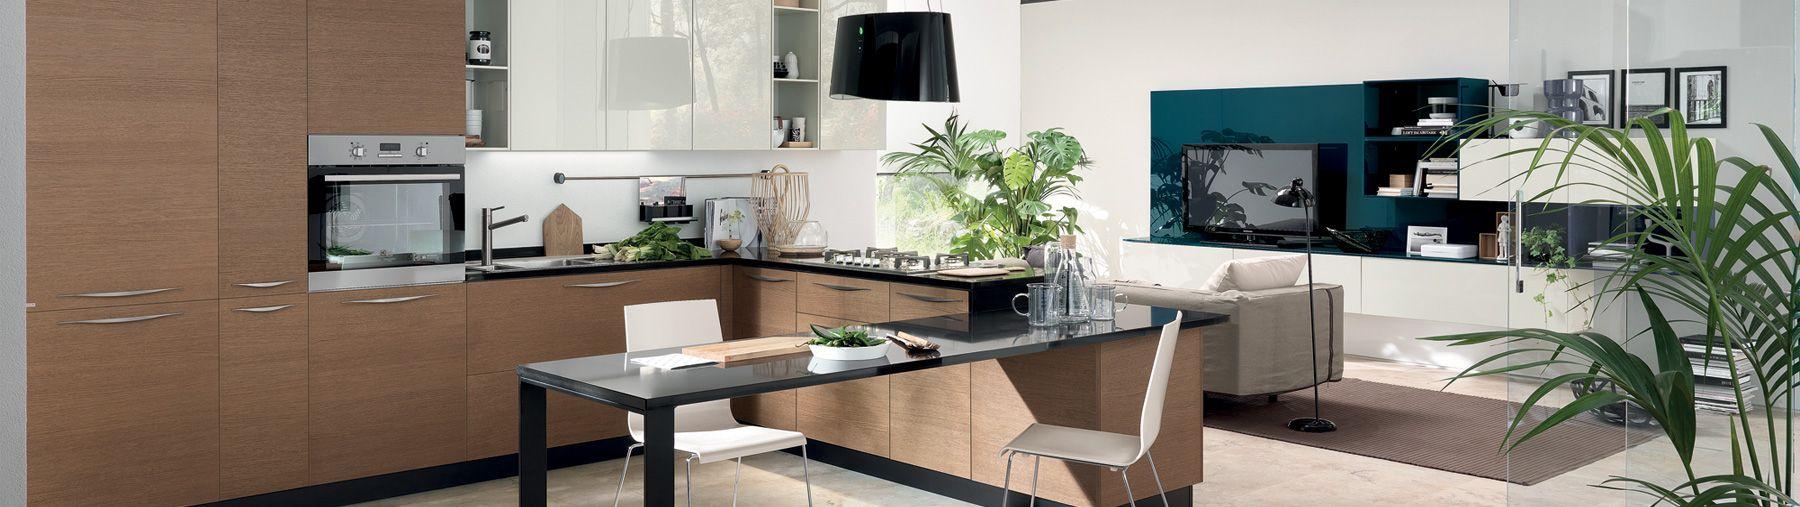 Scavolini Italian Design Kitchens  Kitchen Interior  Pinterest Enchanting Italian Design Kitchen Inspiration Design